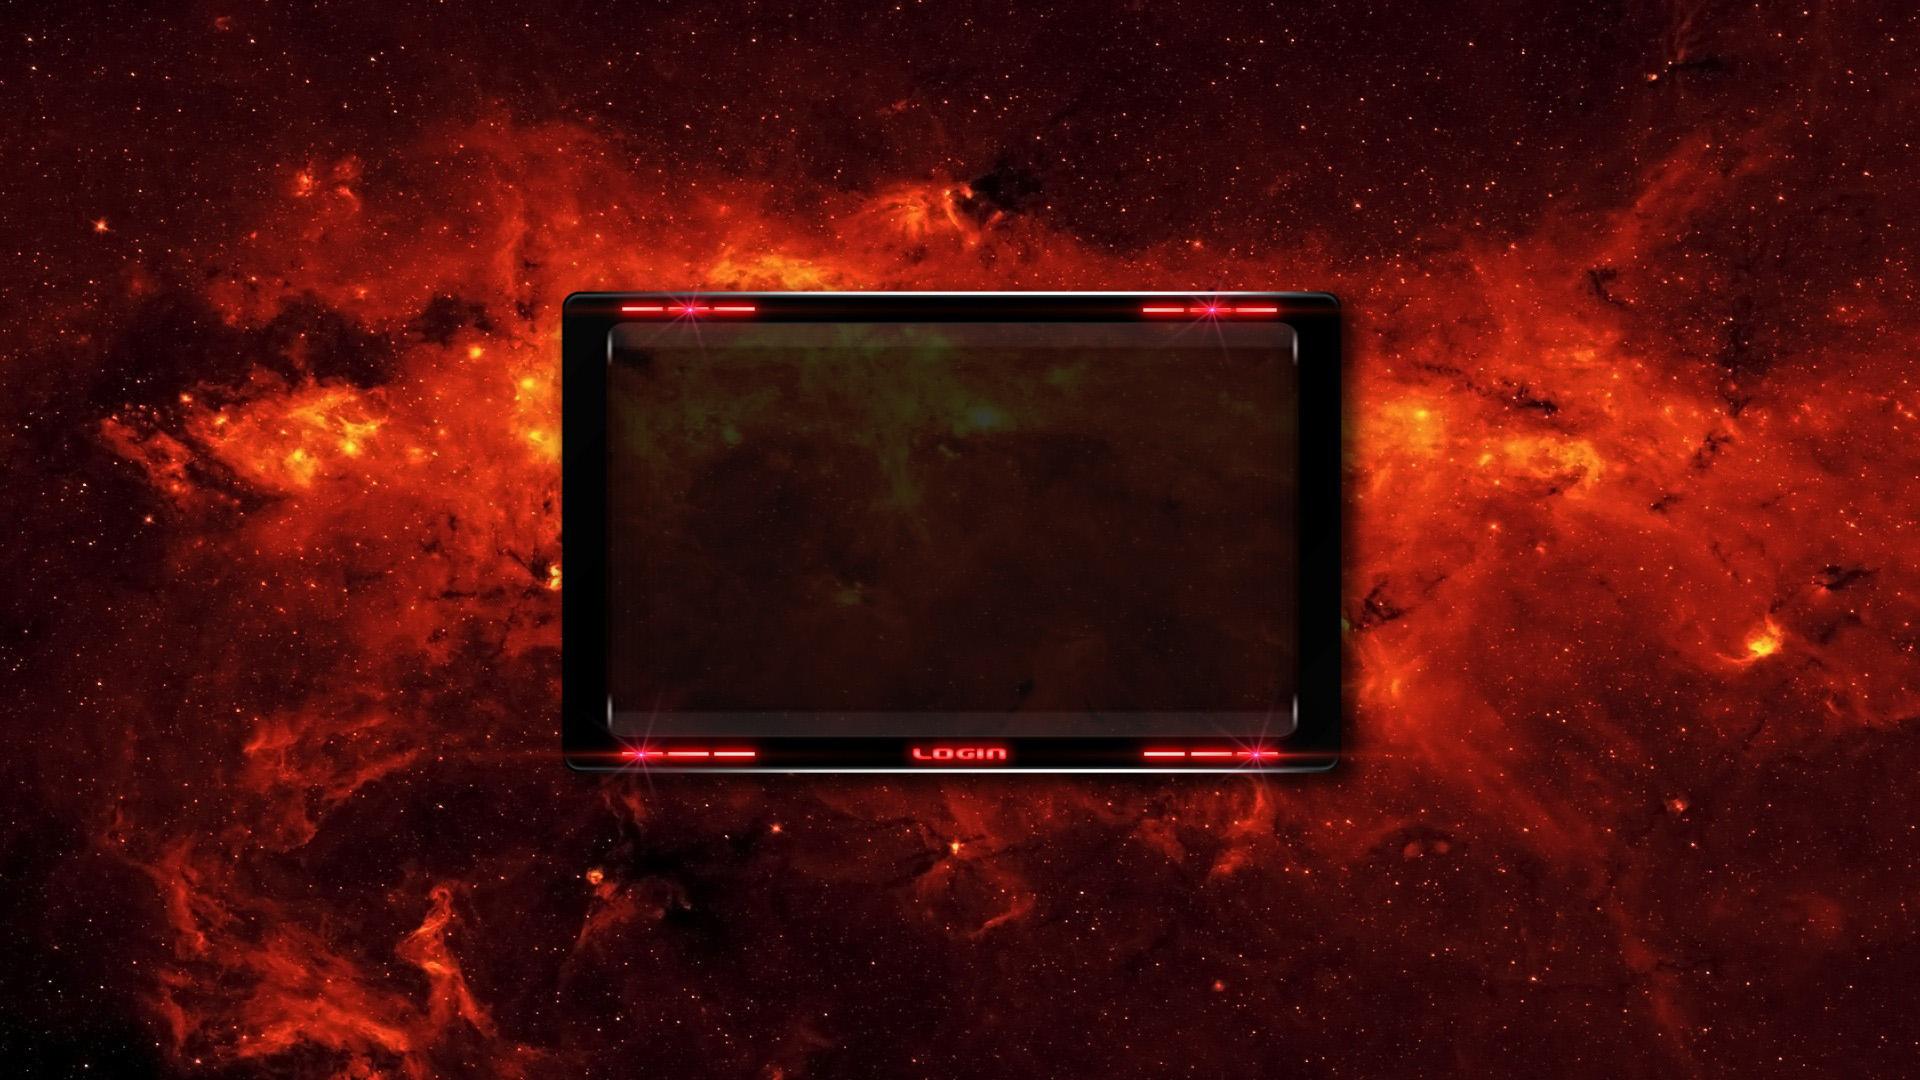 Картинки на экран приветствия компьютера сделанный качественного